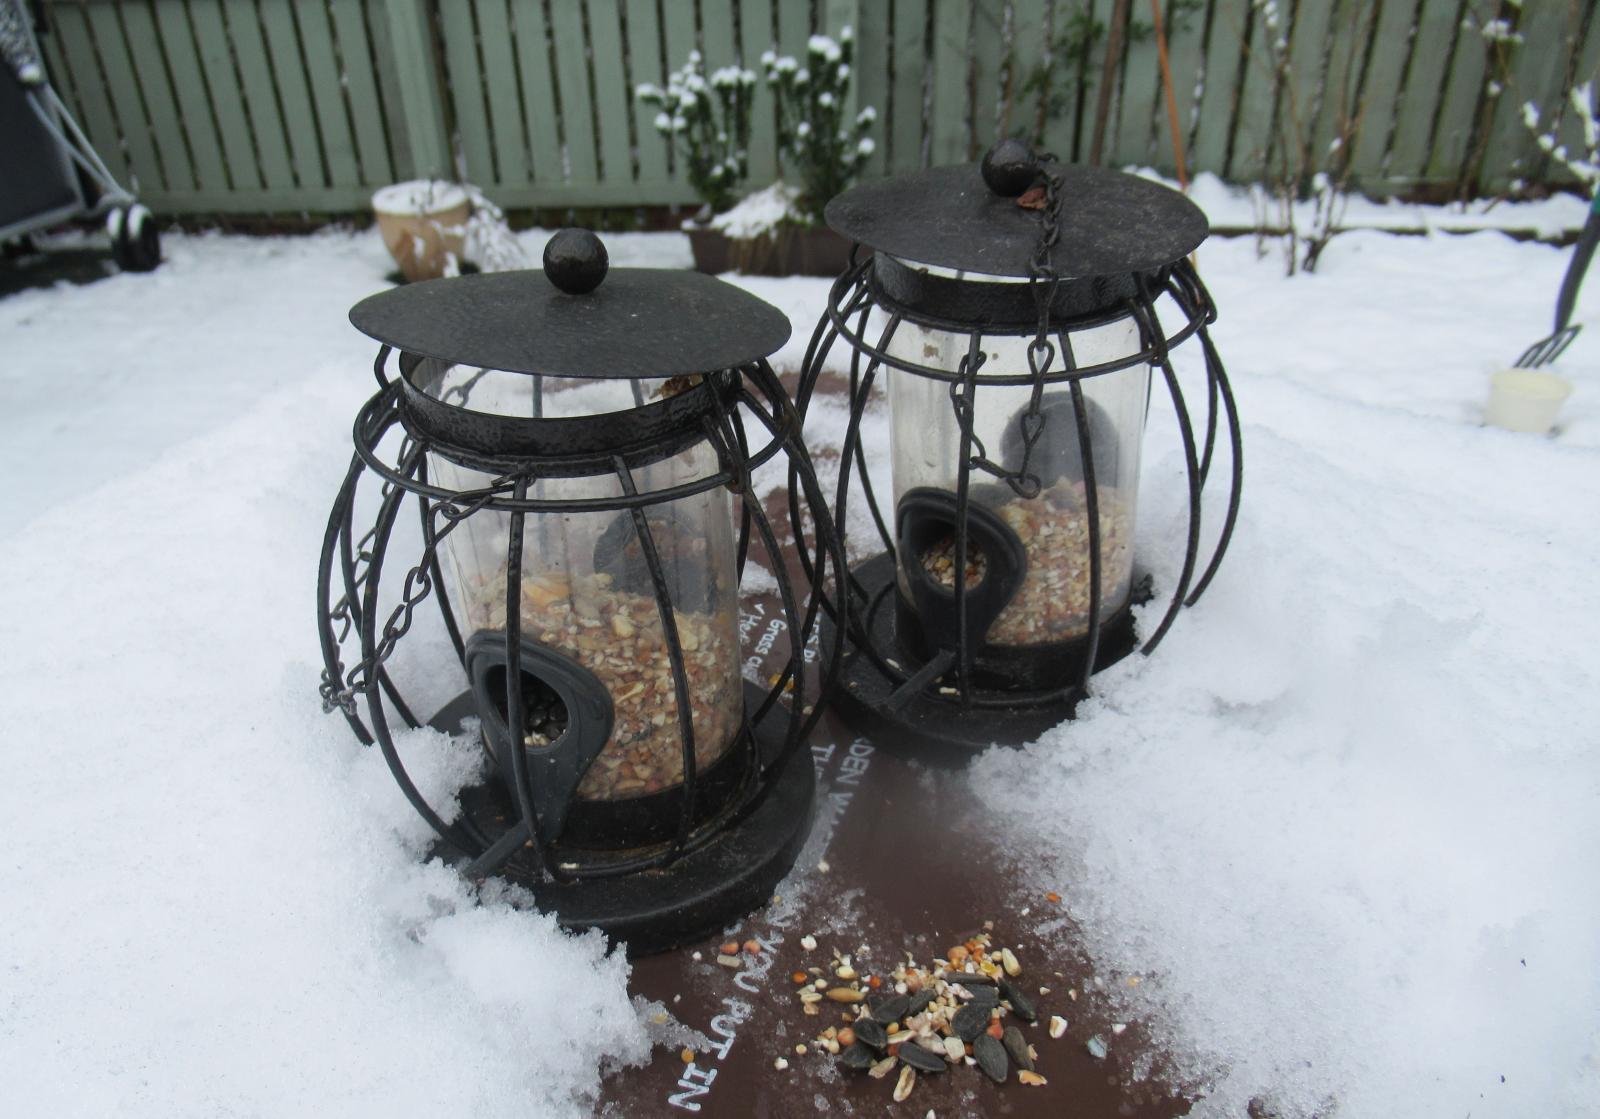 Bird feeding in snow